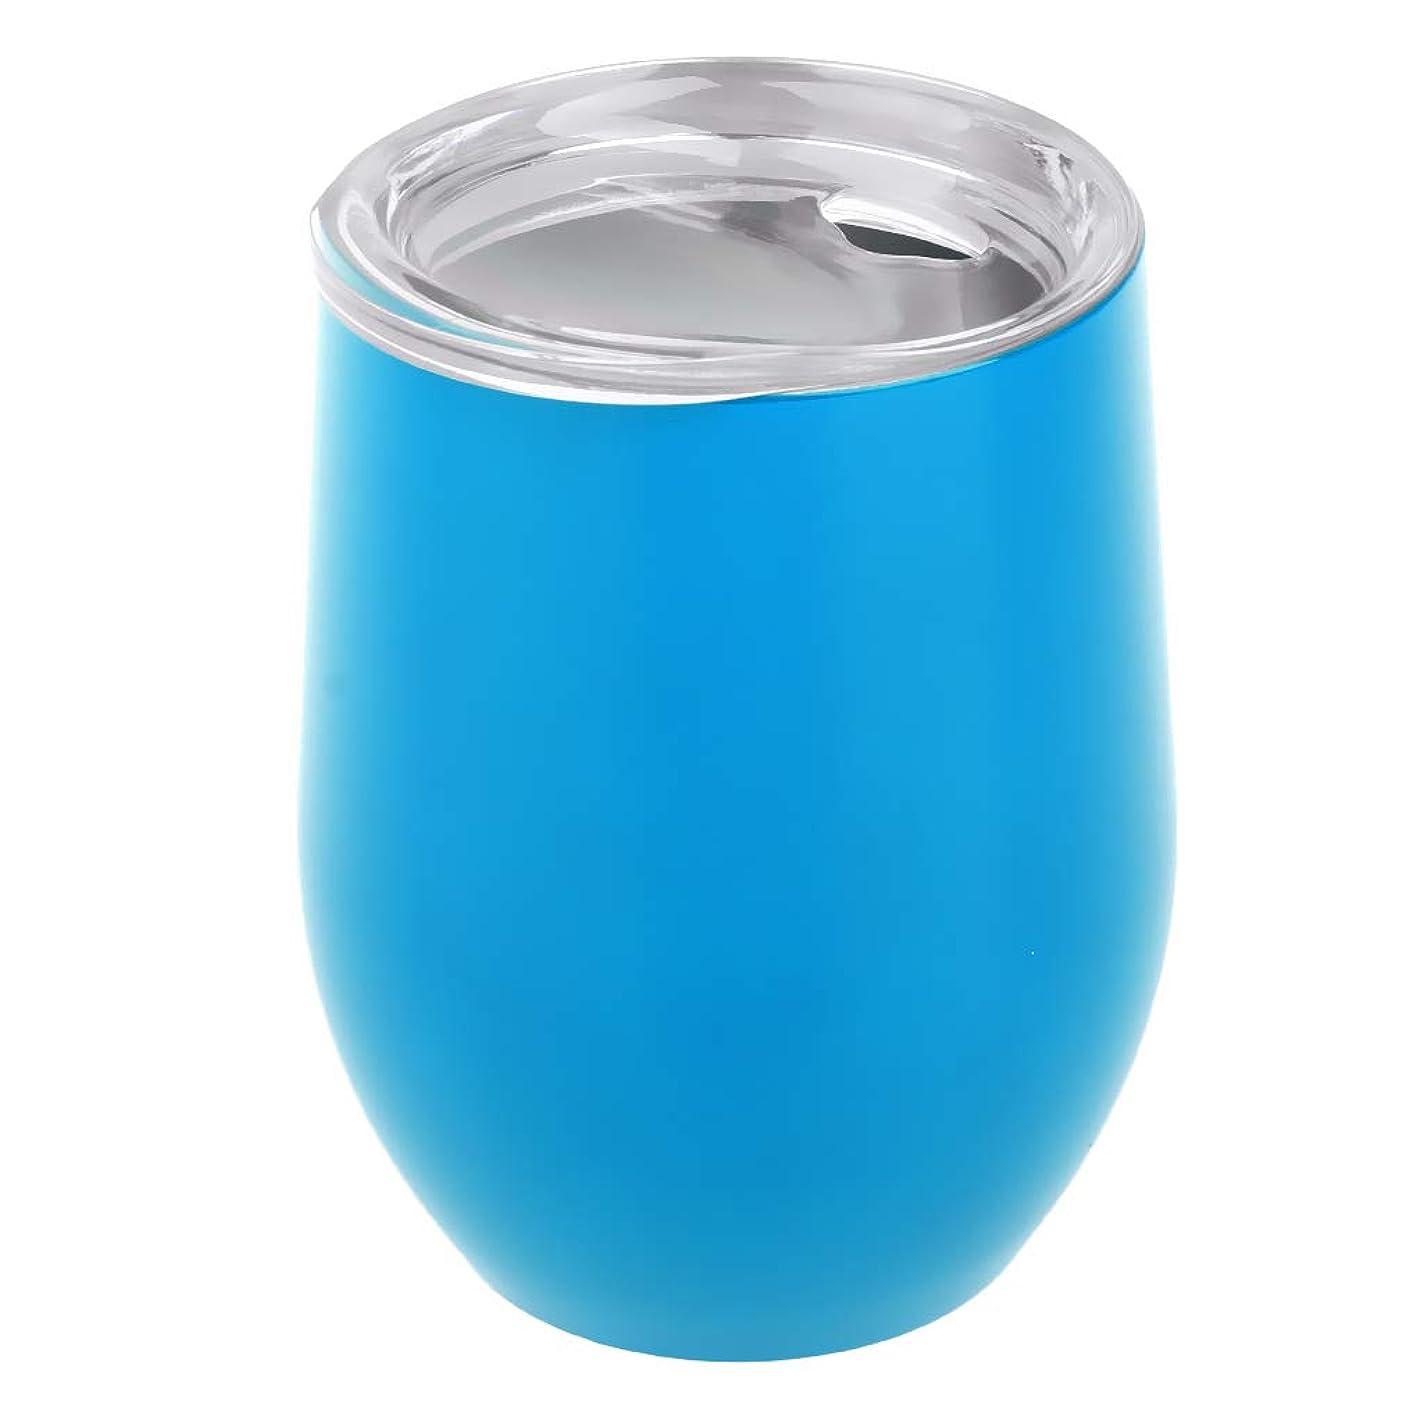 よろしく少なくとも権限二重 断熱 タンブラーカップ ワインカップ キャンプ用 全13色 - 水色